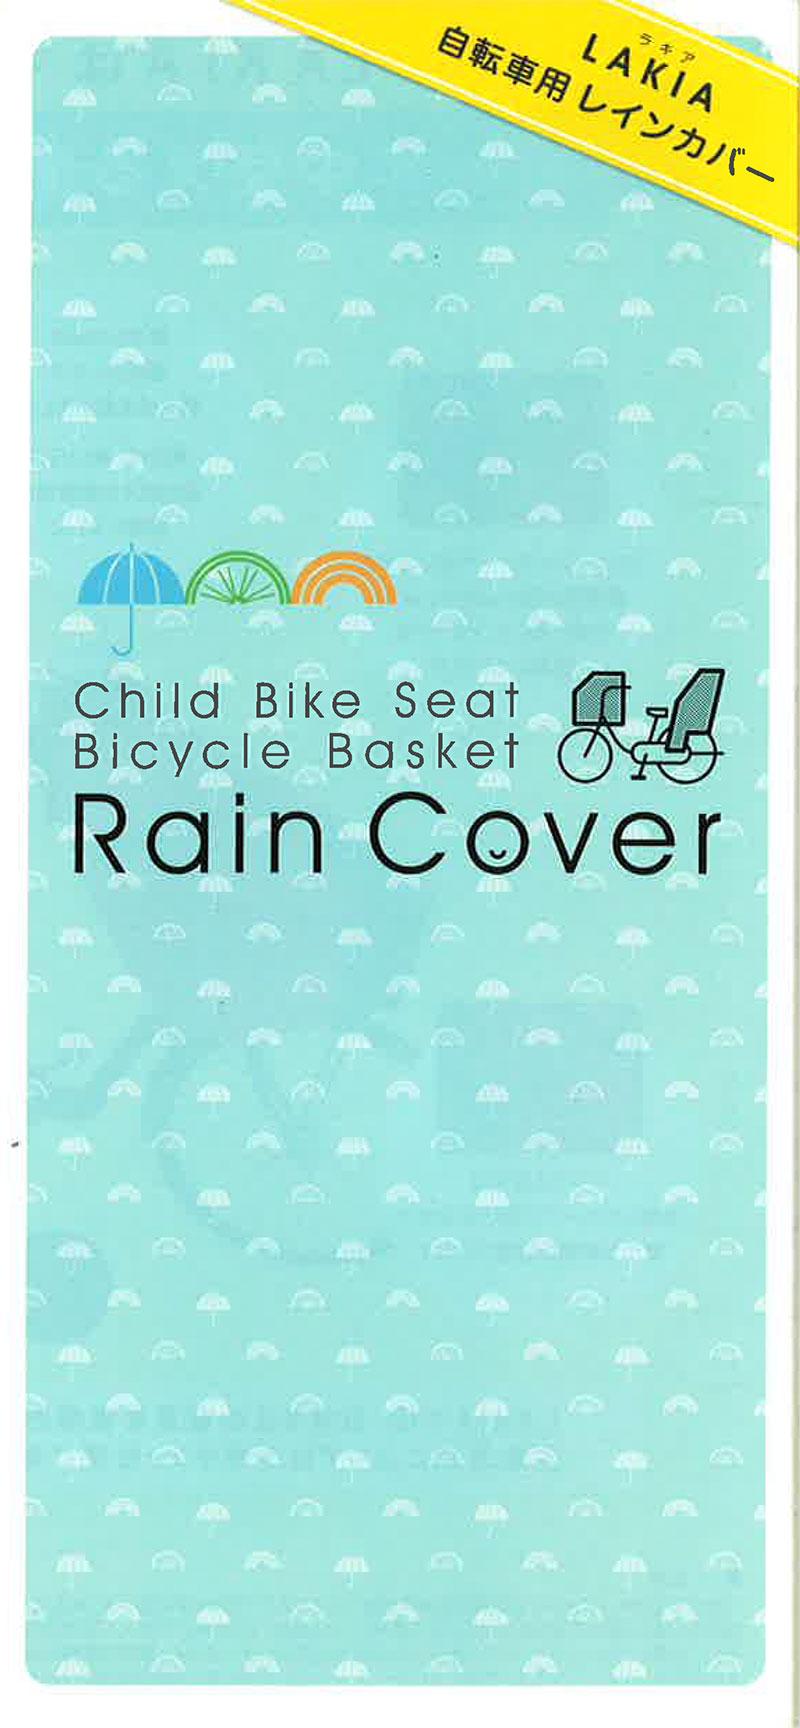 ラキア「自転車用レインカバー」リーフレットデザイン